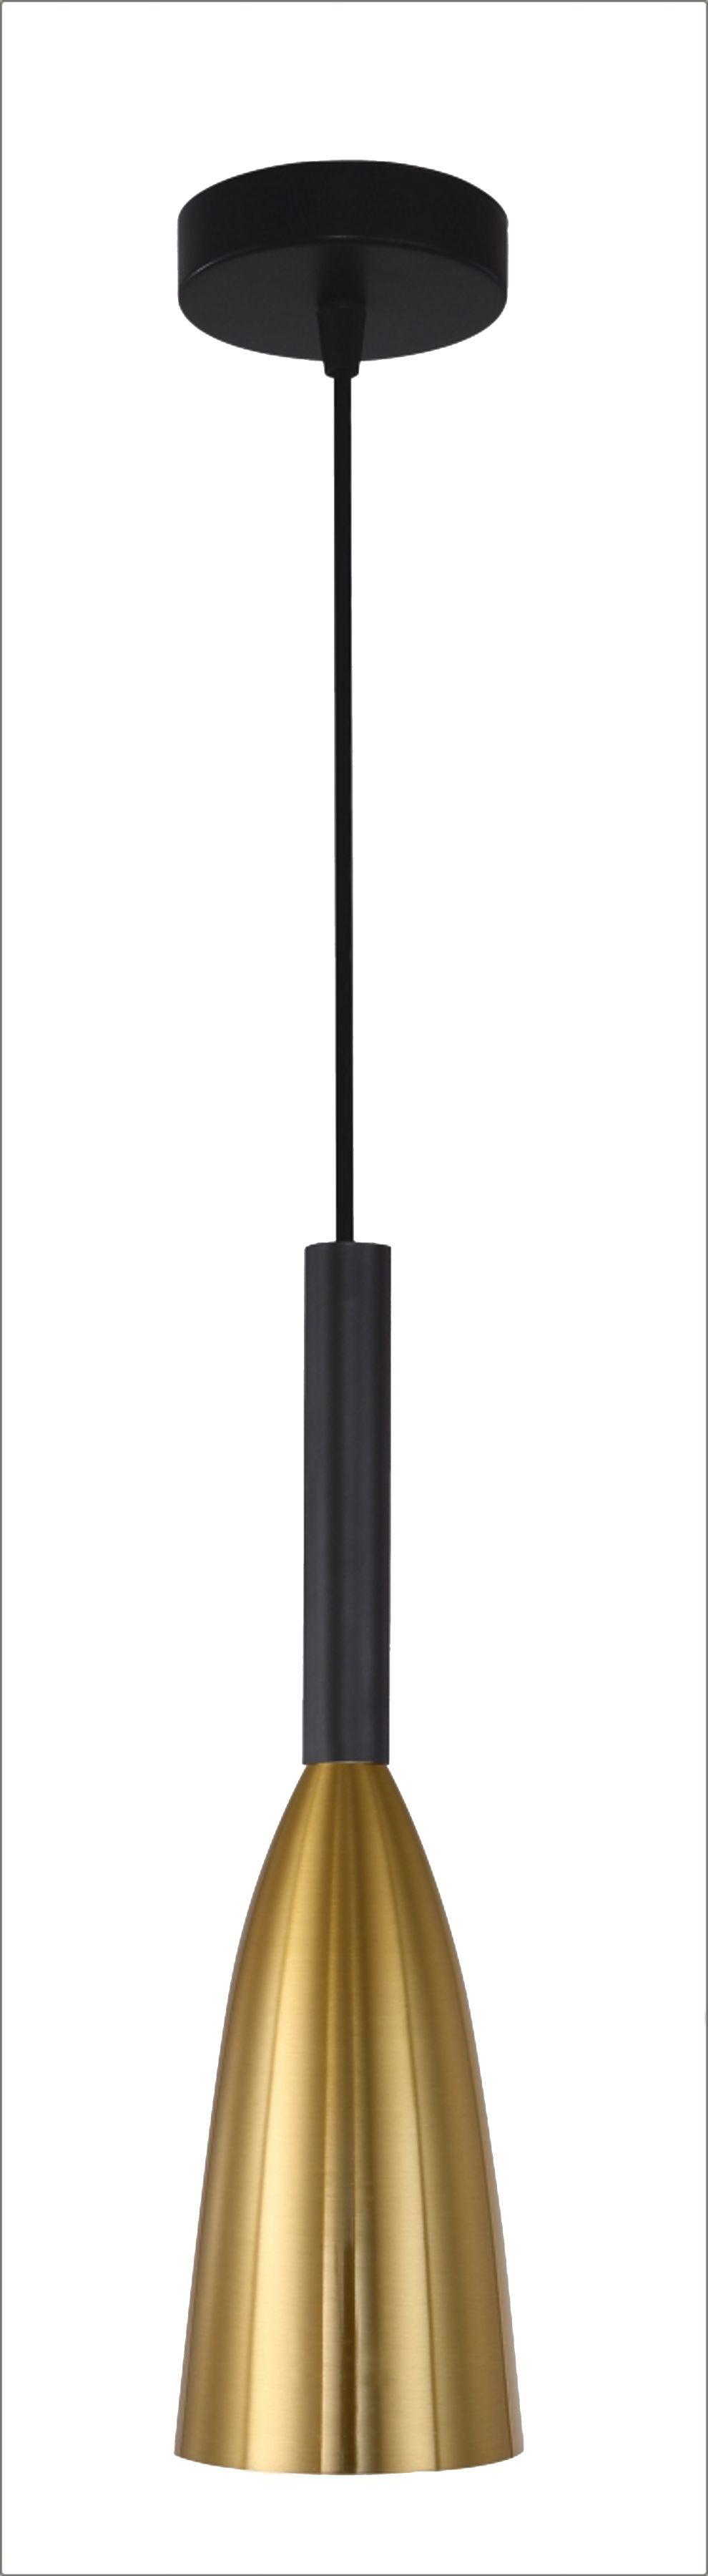 Light Prestige Solin LP-181/1P GD lampa wisząca złota metalowa 1x60W E27 11cm